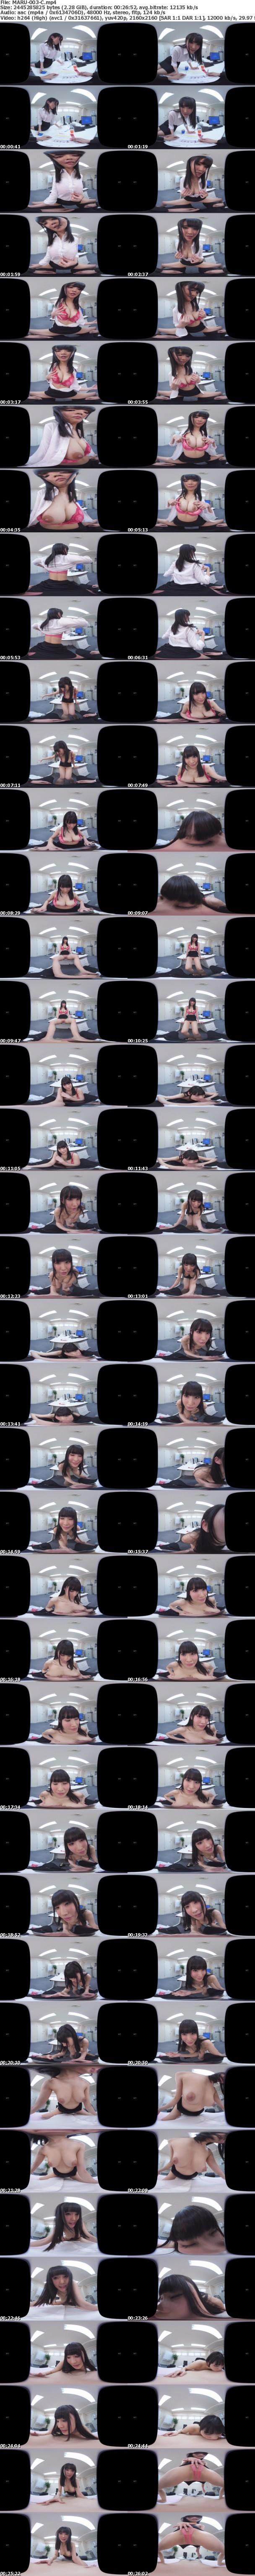 VR/3D MARU-003 お姉さんずラブ~ある日、僕は社内でセックスした。~ 蓮見クレア×野々宮みさと 120分